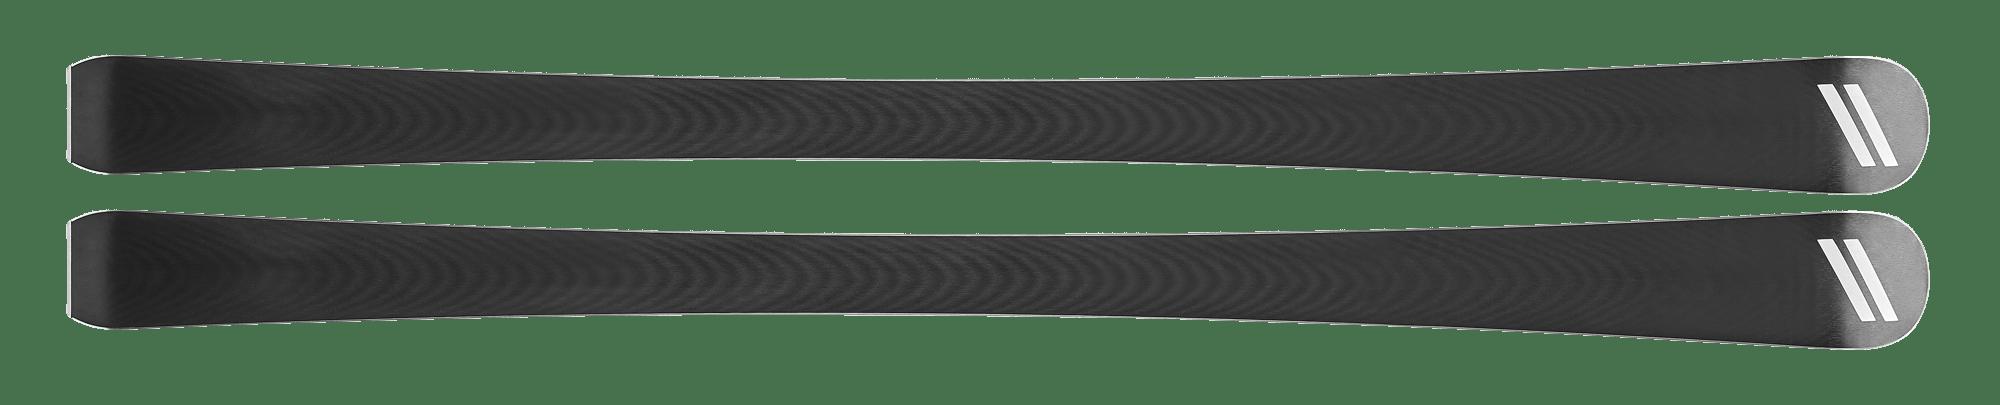 Ski VR Dynamic - sole